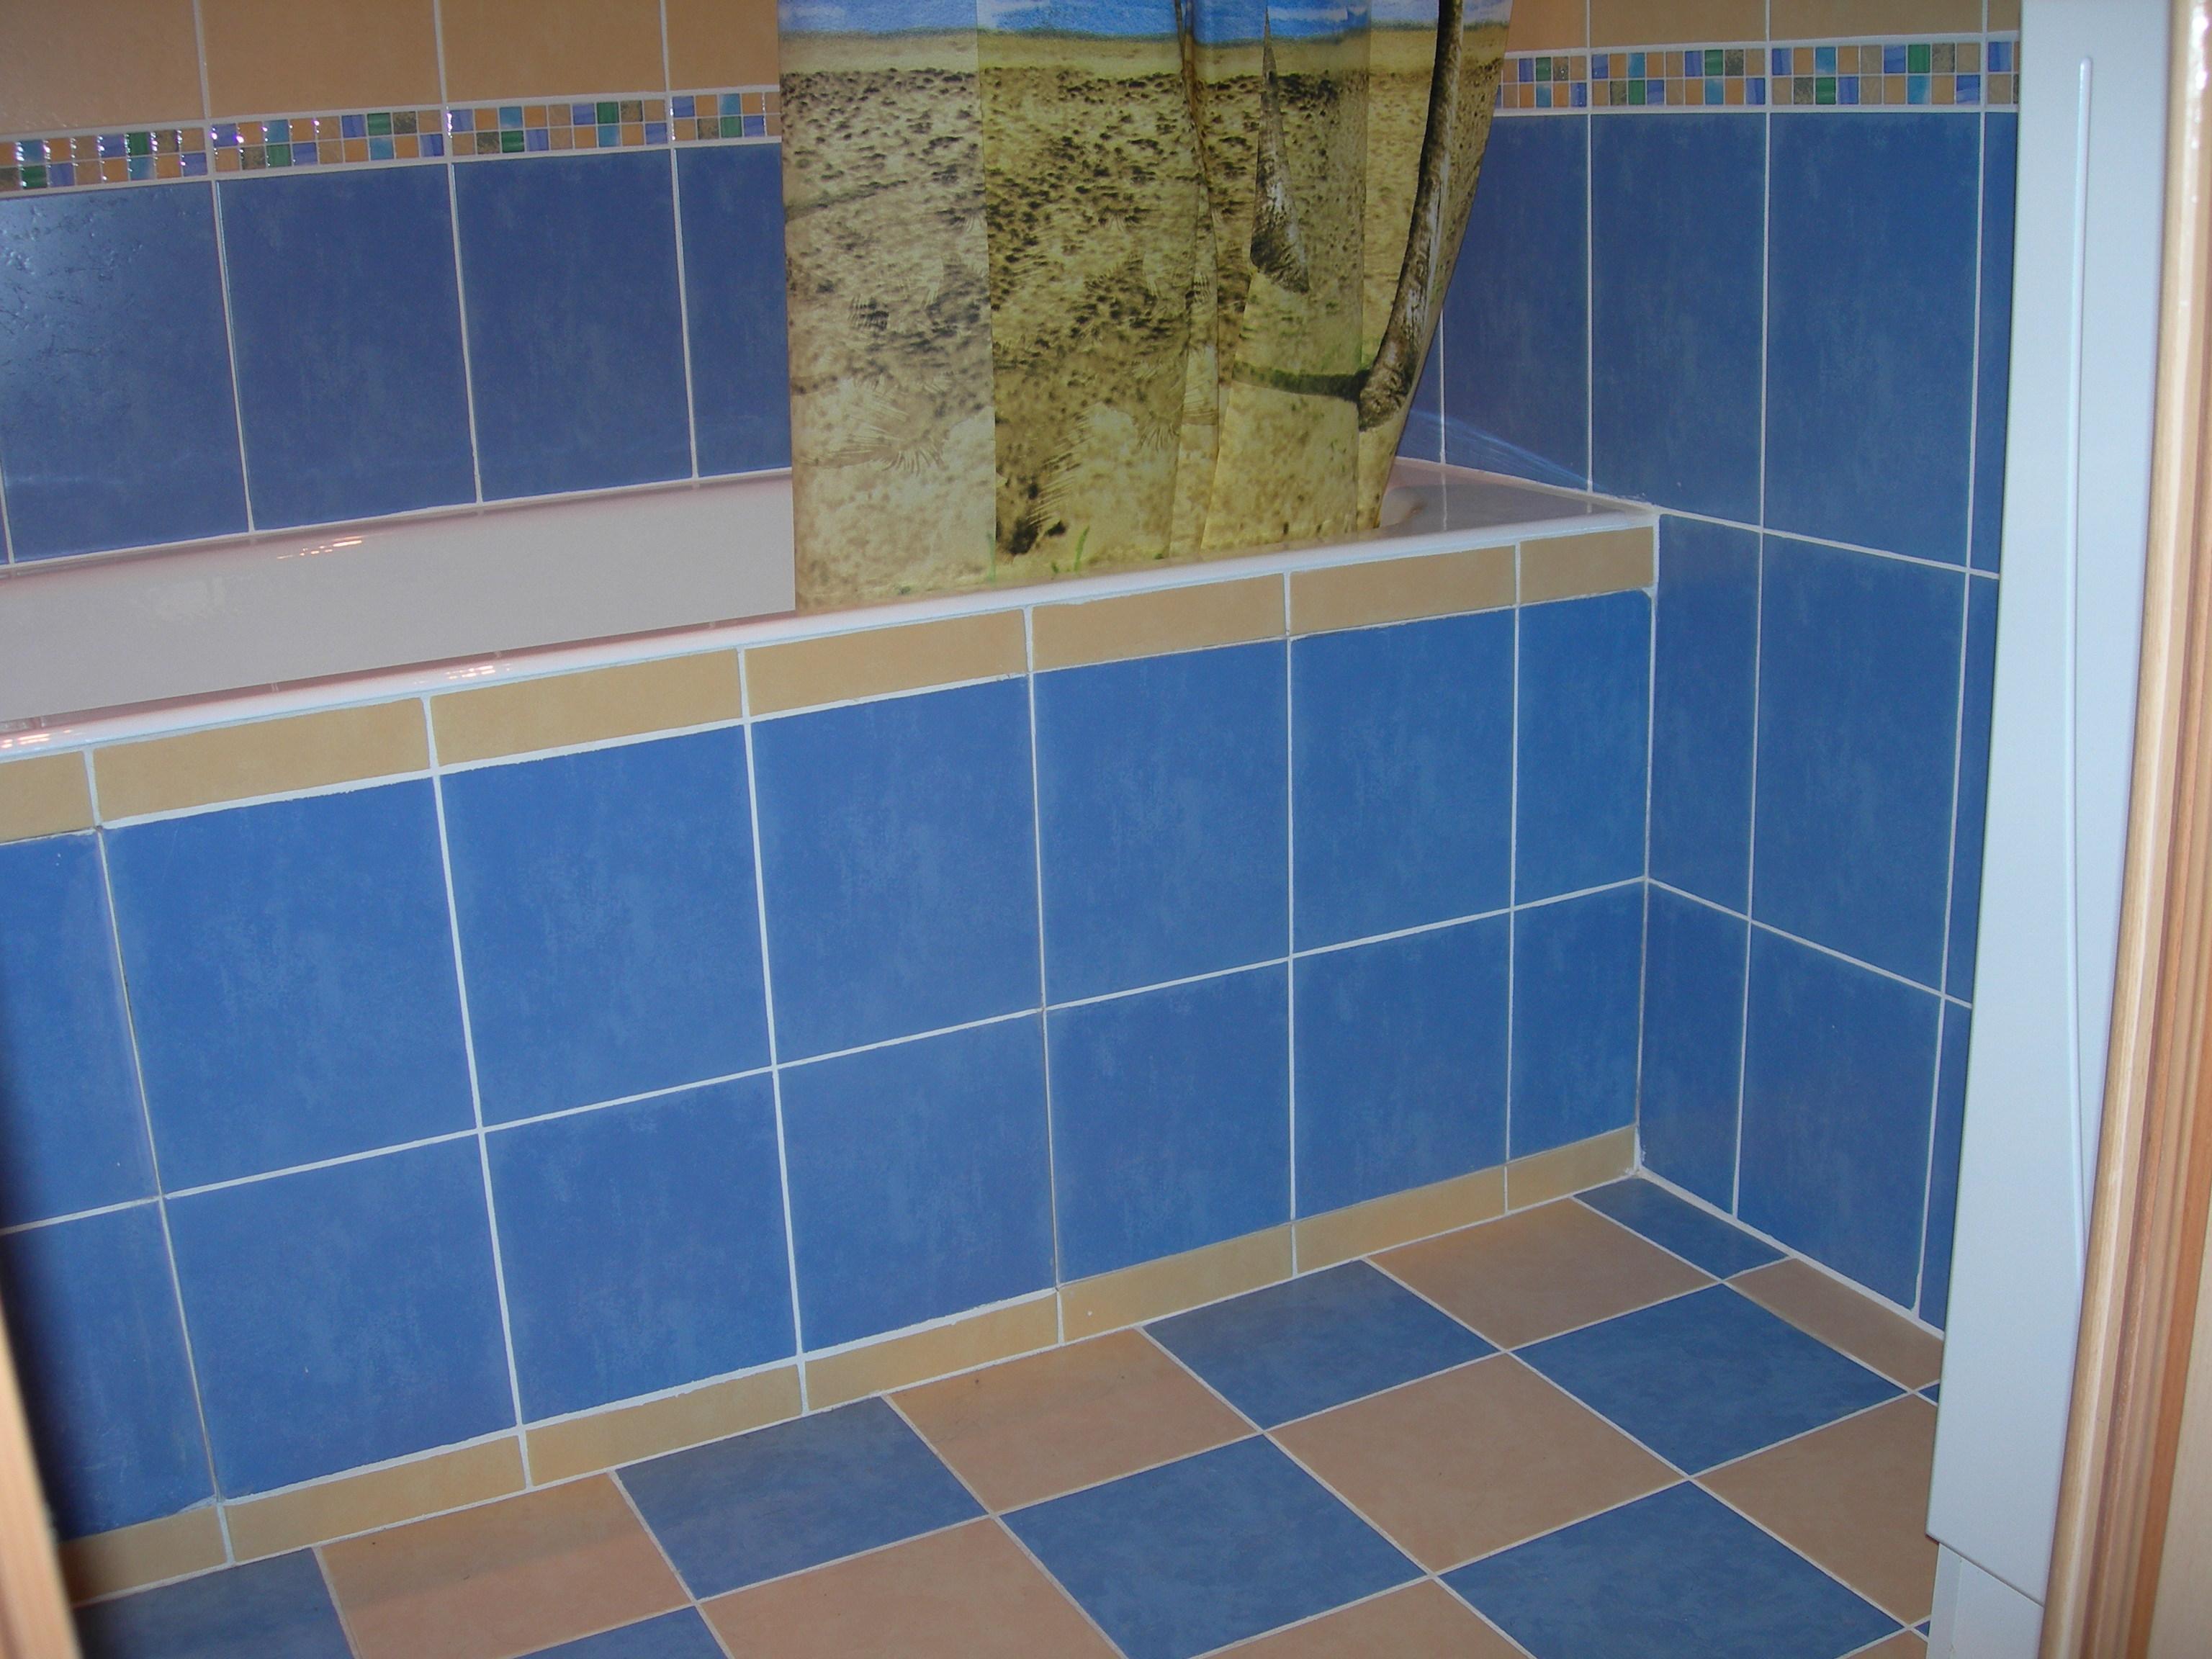 Экран для ванны своими руками: делаем из плитки и гипсокартона